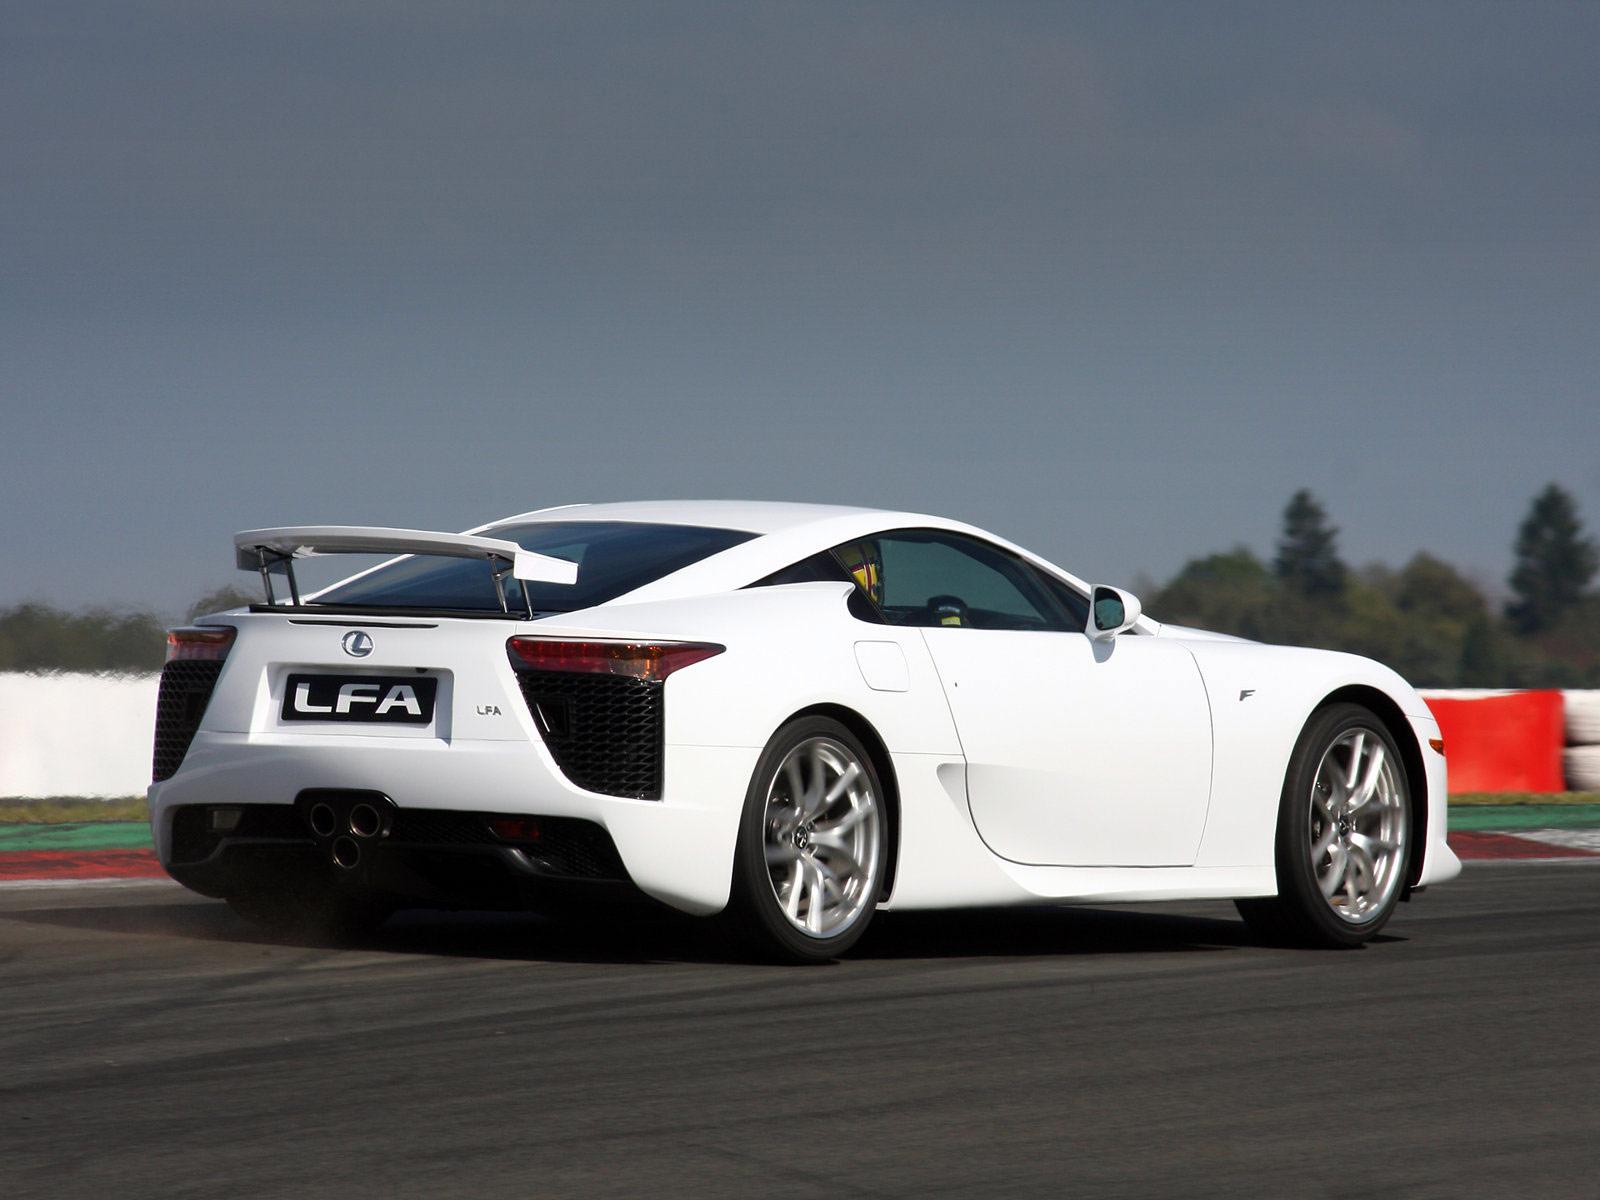 http://2.bp.blogspot.com/-w4OQbvX2nF8/TknyqAoGiFI/AAAAAAAACgY/CINJ_IcMZ6s/s1600/Lexus-LFA_2011_JAPANESE-CAR-WALLPAPERS_0a.jpg